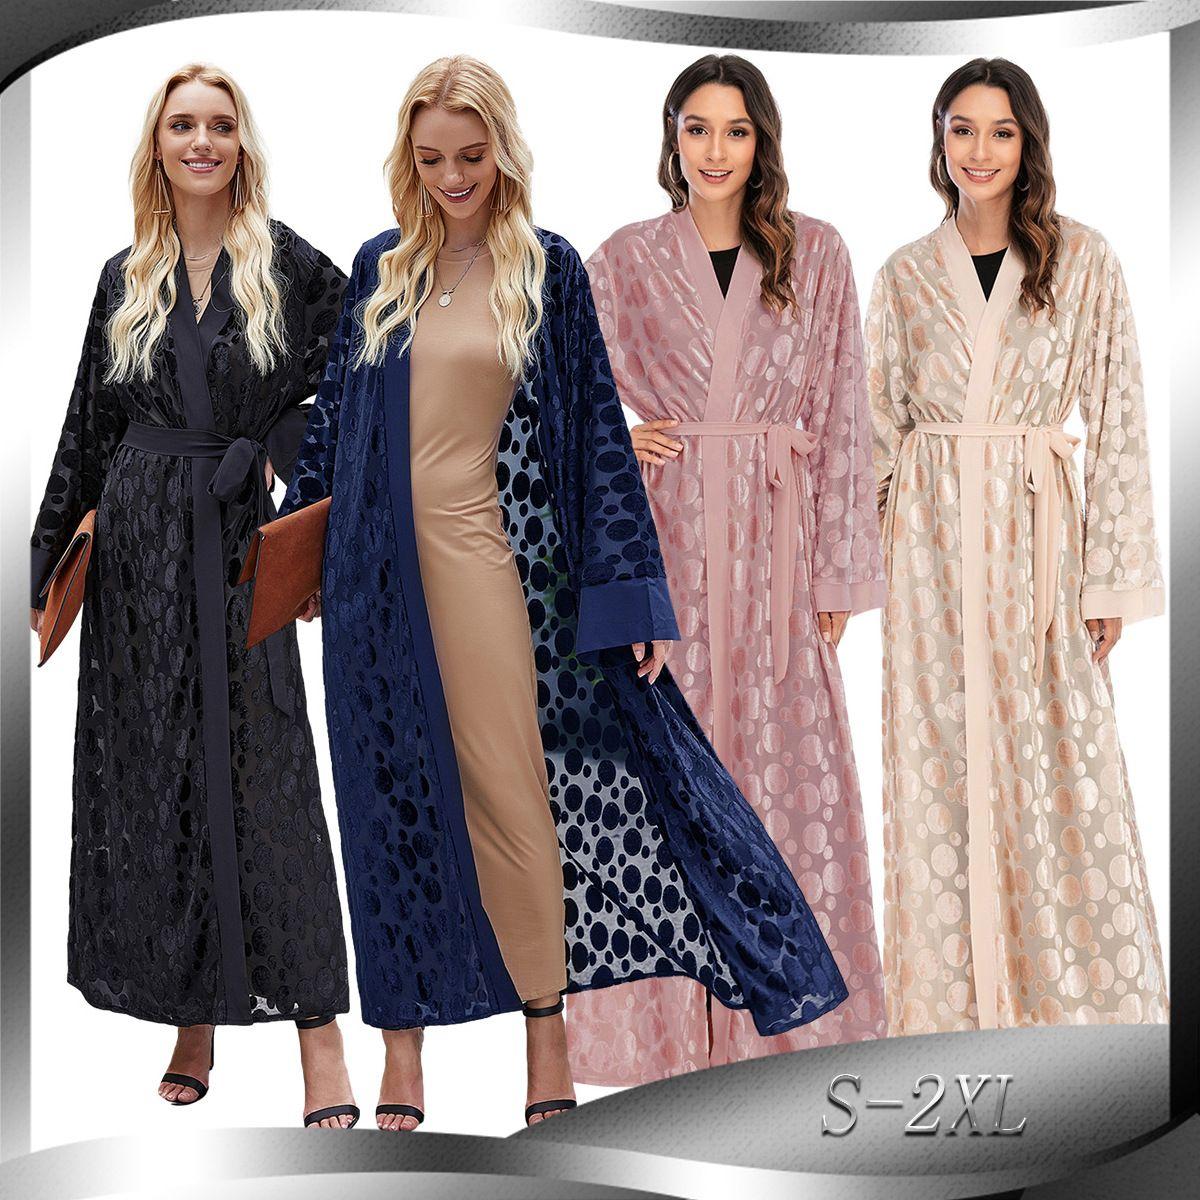 Grosshandel Eid Mubarak Kaftan Dubai Abaya Turkei Kimono Cardigan Hijab Muslimischen Kleid Islam Kleidung Abayas Fur Frauen Robe Femme Ete Qatar Cm1818 Von Donnatang240965 34 14 Auf De Dhgate Com Dhgate